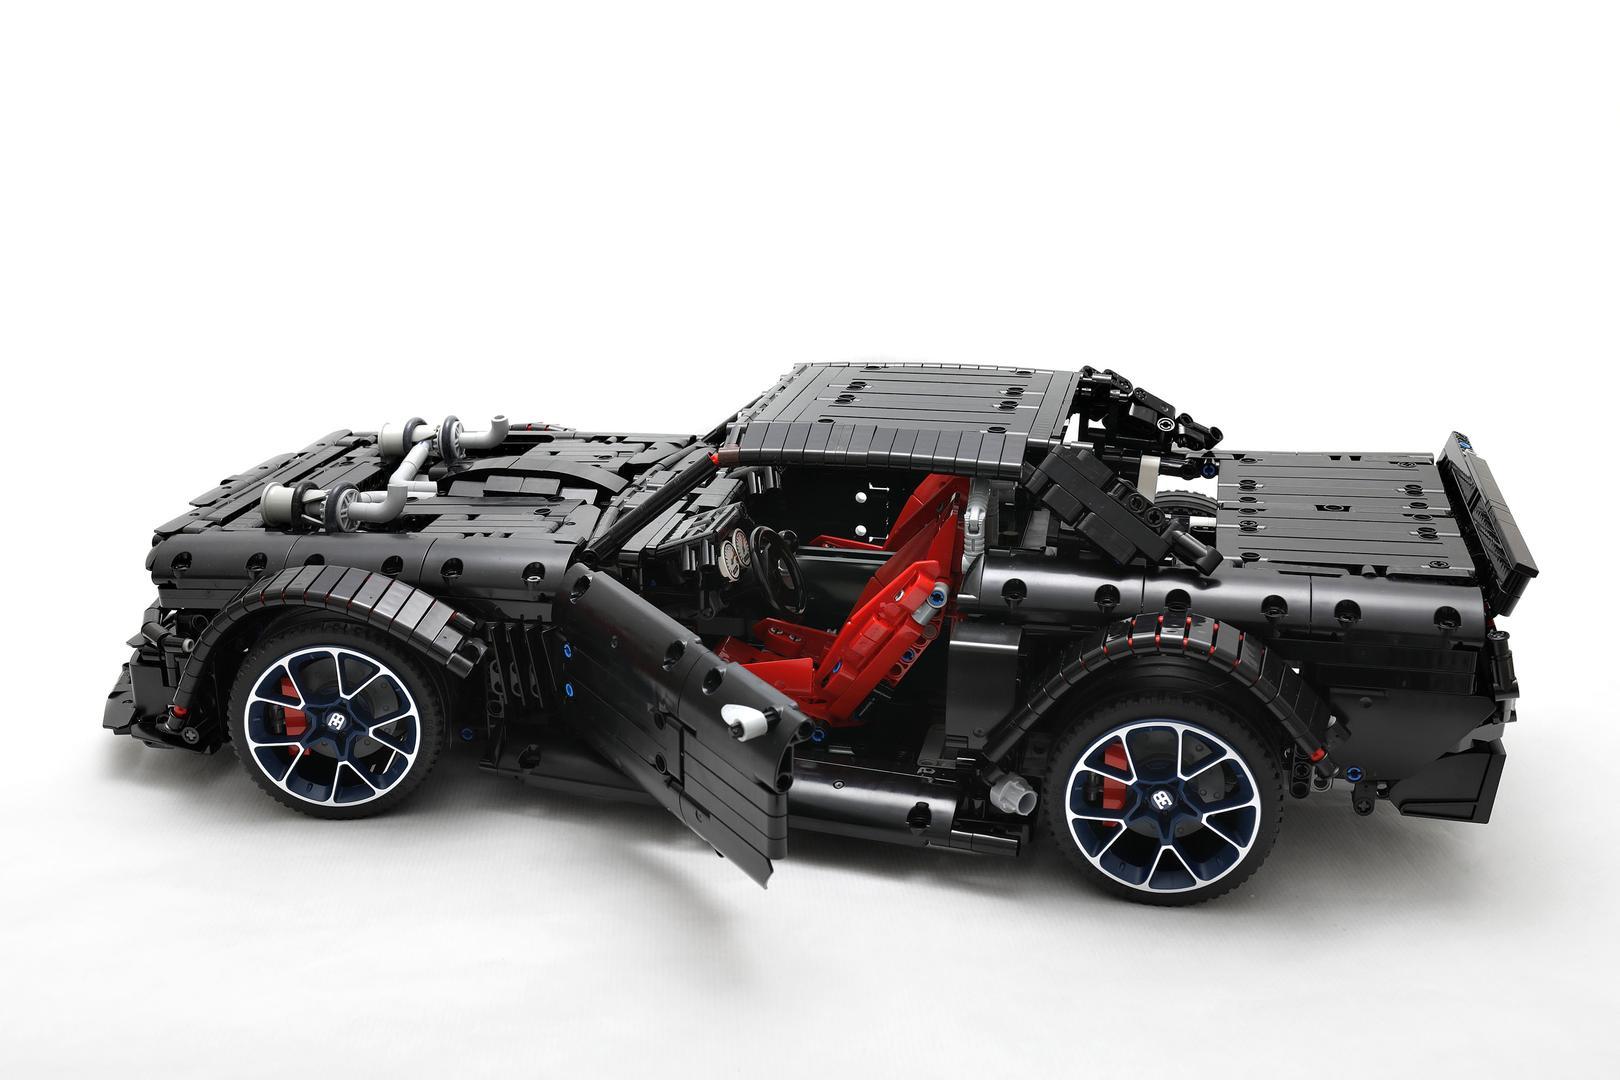 Hoonigan Mustang Lego Instructions